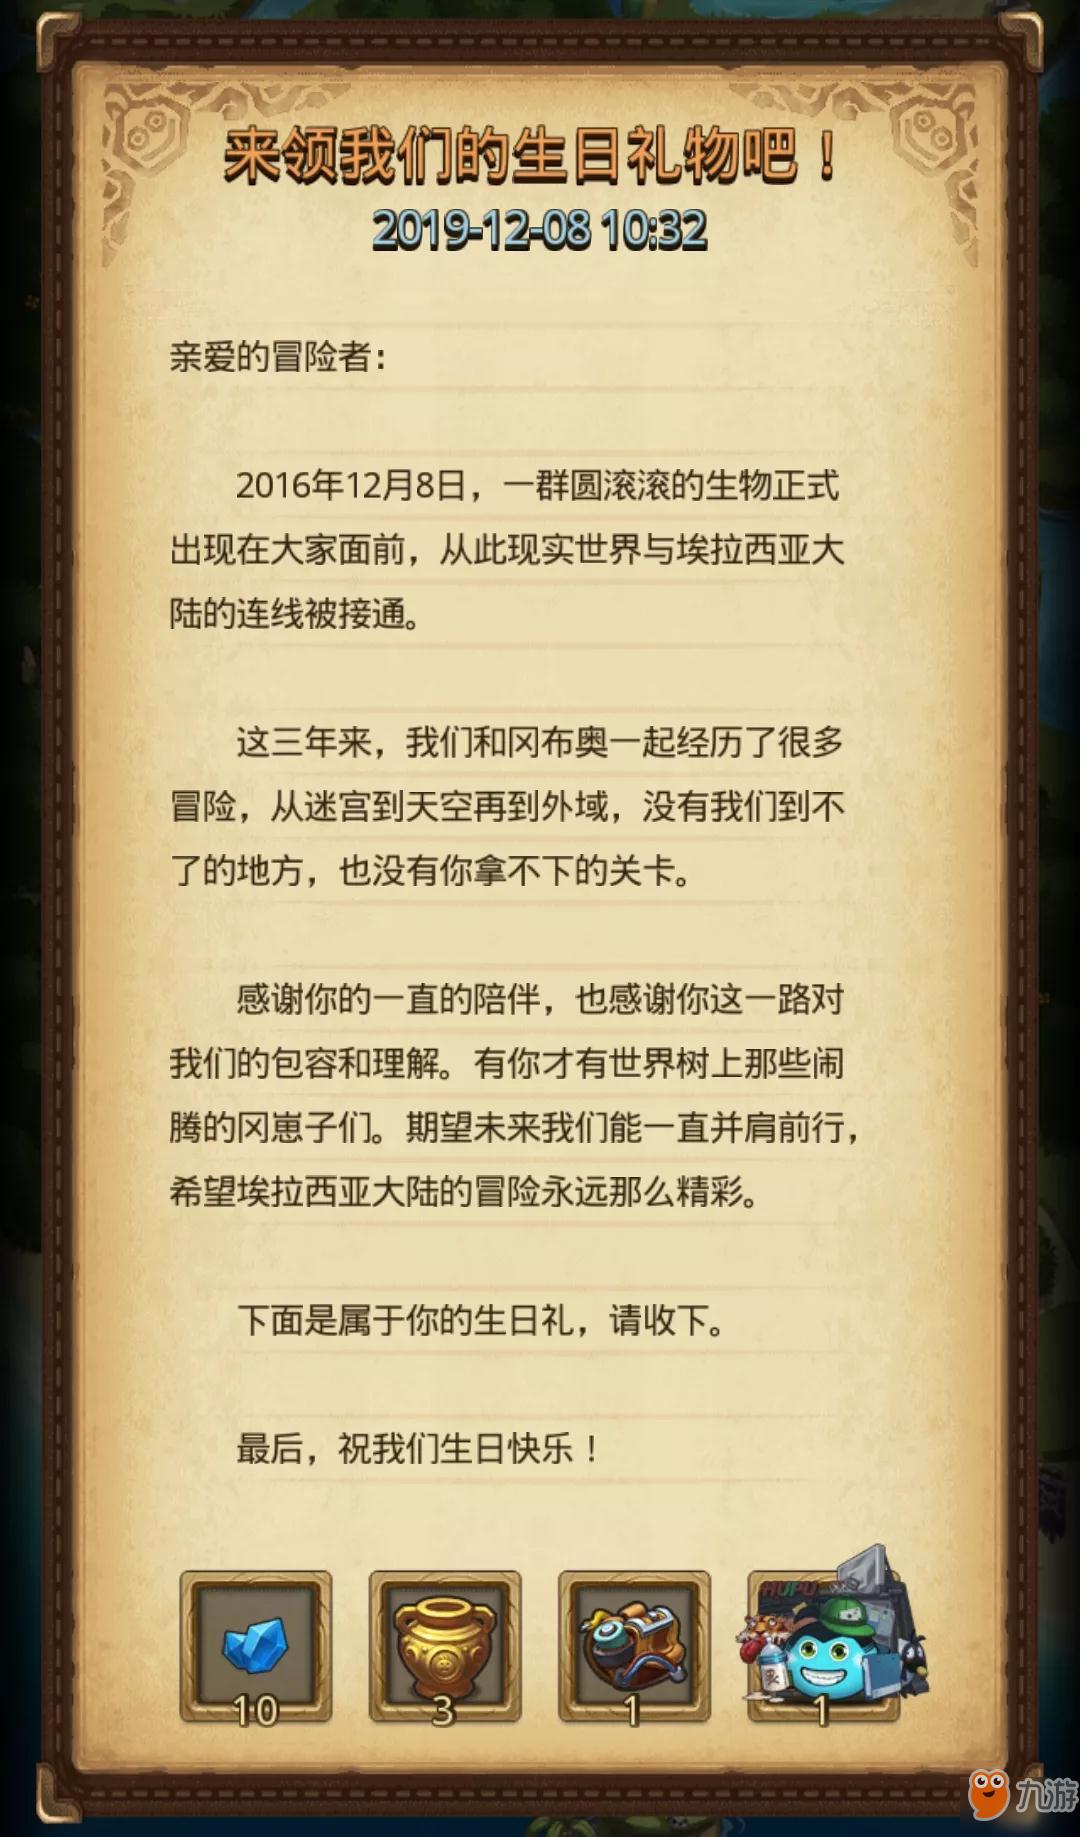 http://www.jindafengzhubao.com/qiyexinwen/39886.html